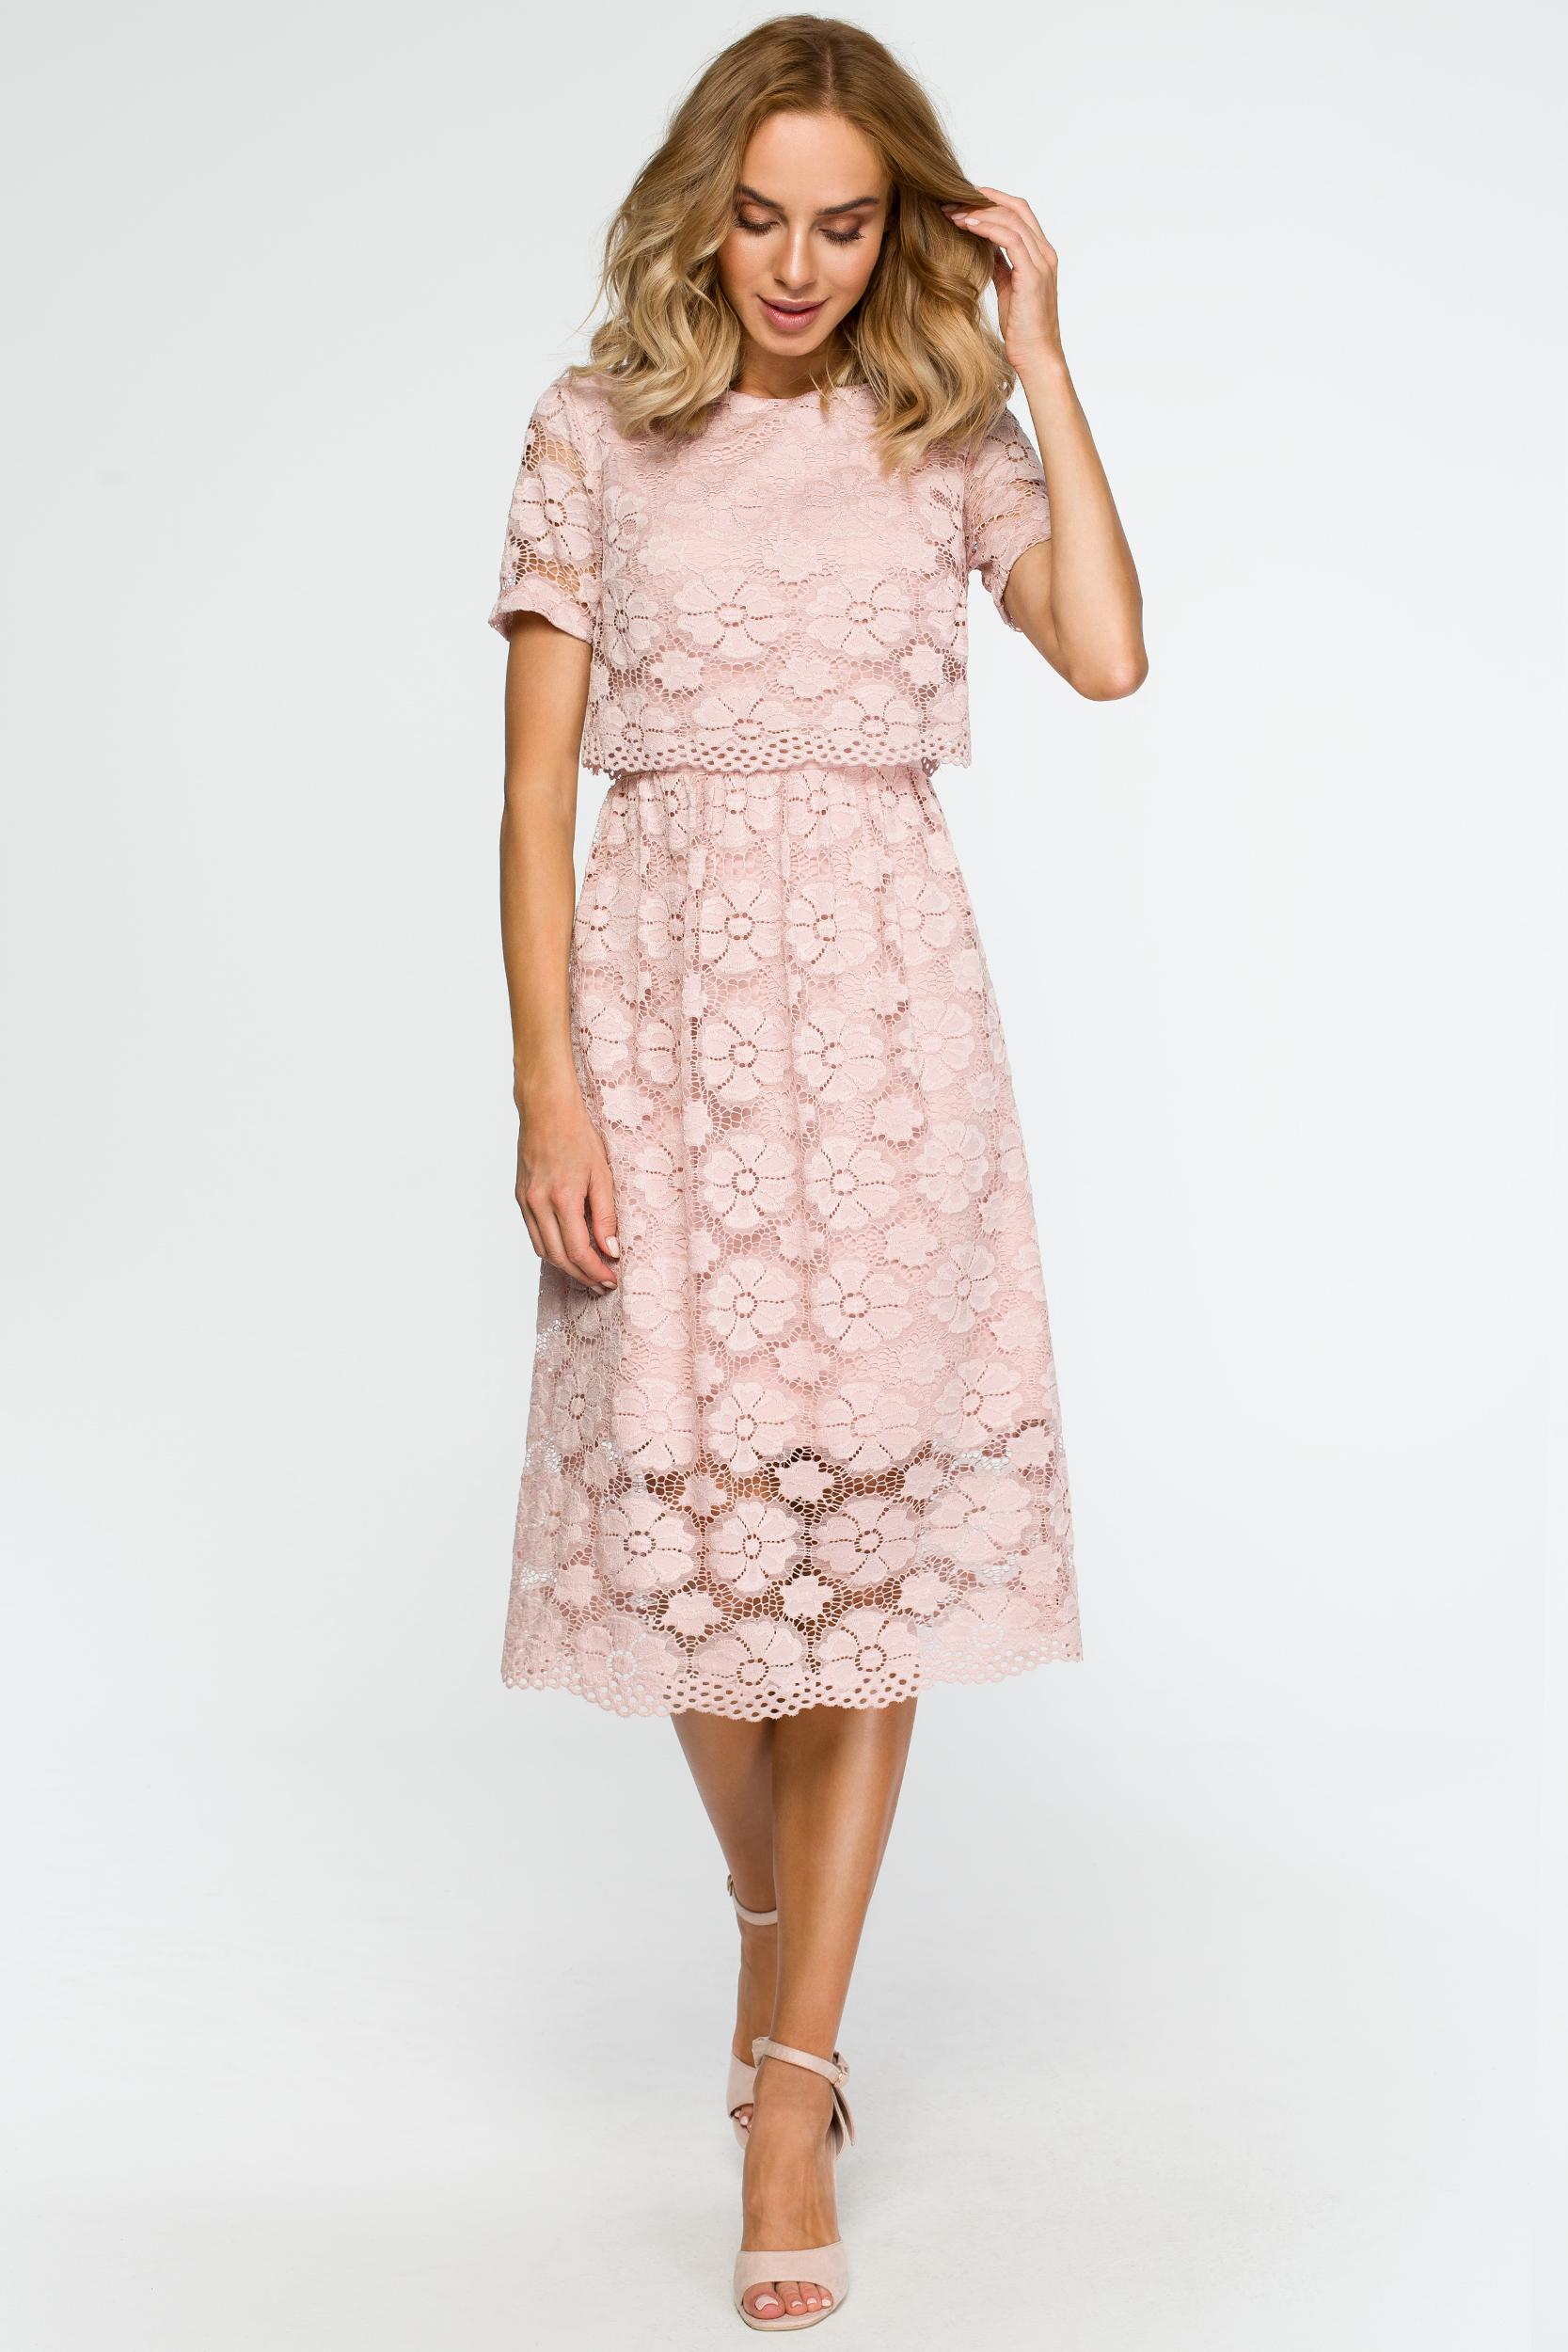 130f2575d52226 Koronkowa elegancka sukienka midi pudrowy róż - wysyłka już od 5,99 zł